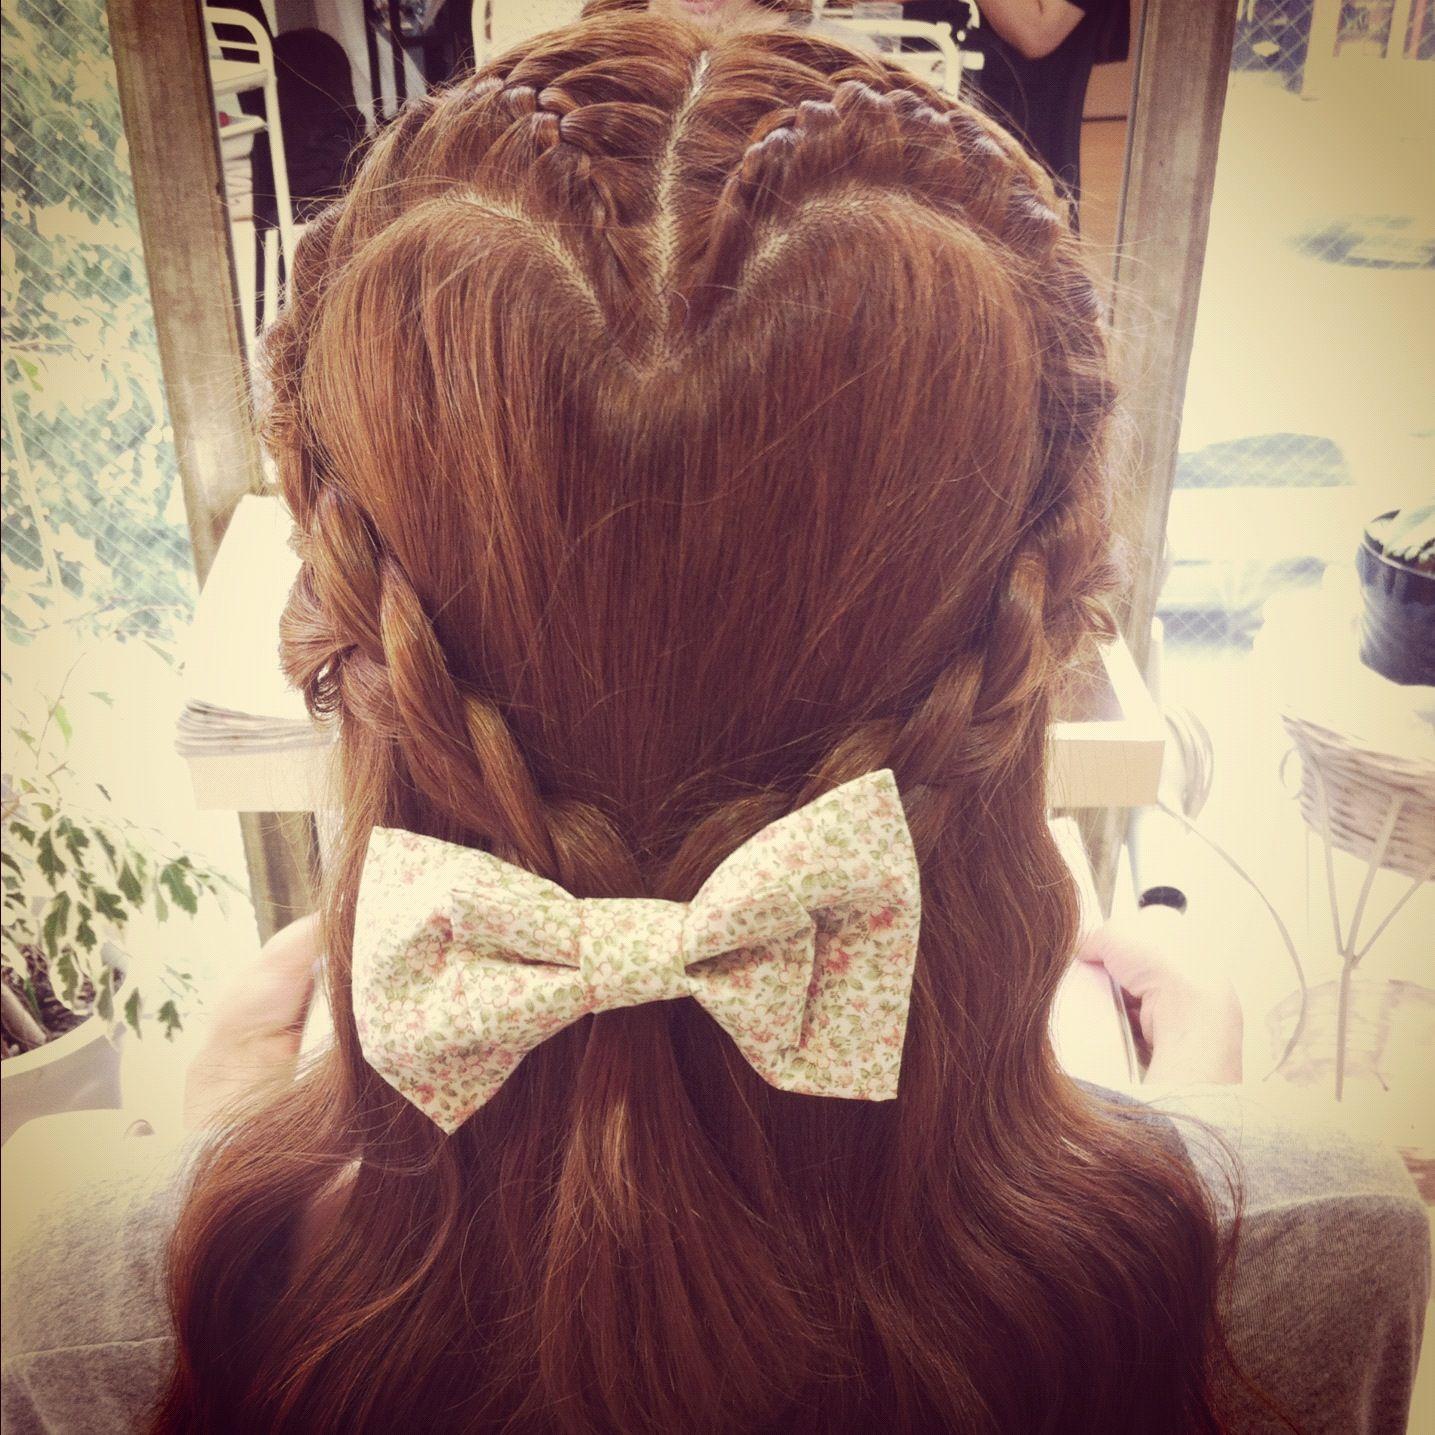 シーン別編みこみヘアセット!お洒落で真似したい編みこみヘアまとめのサムネイル画像